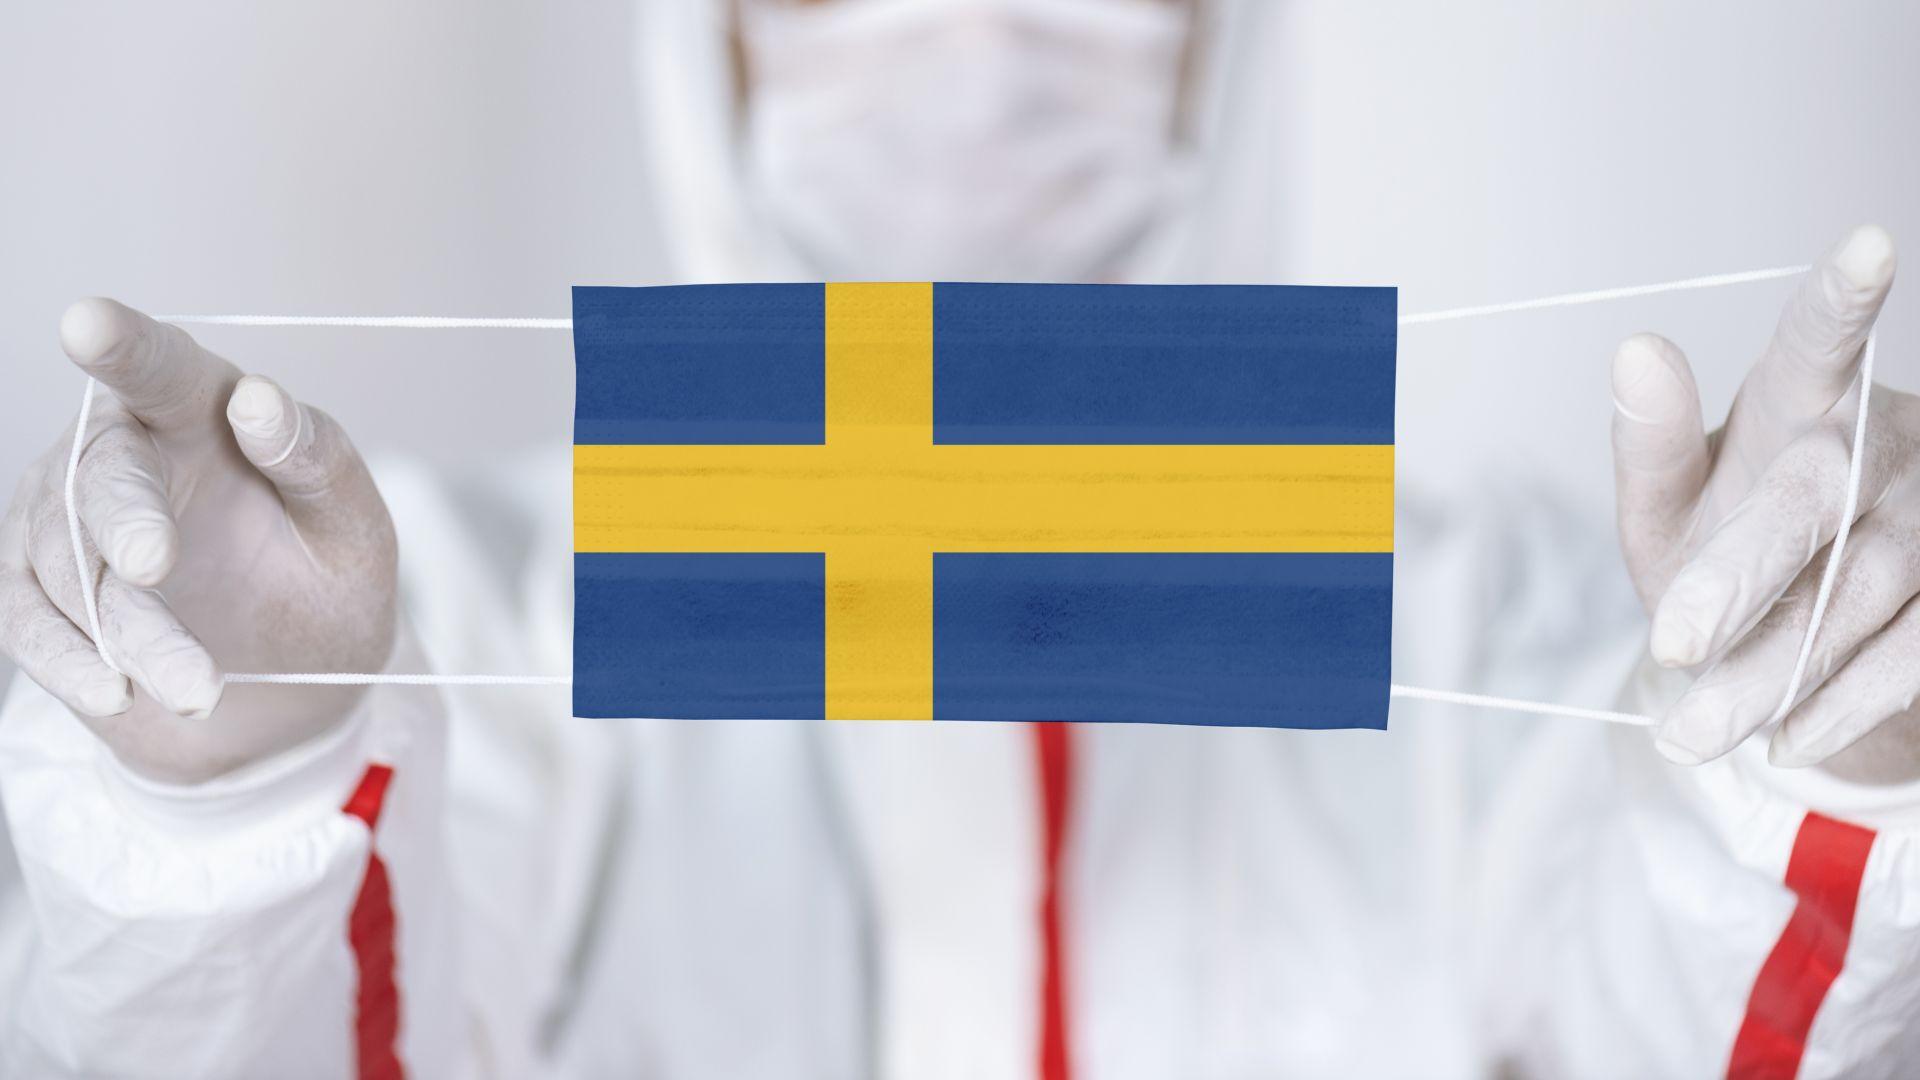 Успя или се провали стратегията на Швеция срещу коронавируса през погледа на Би Би Си?